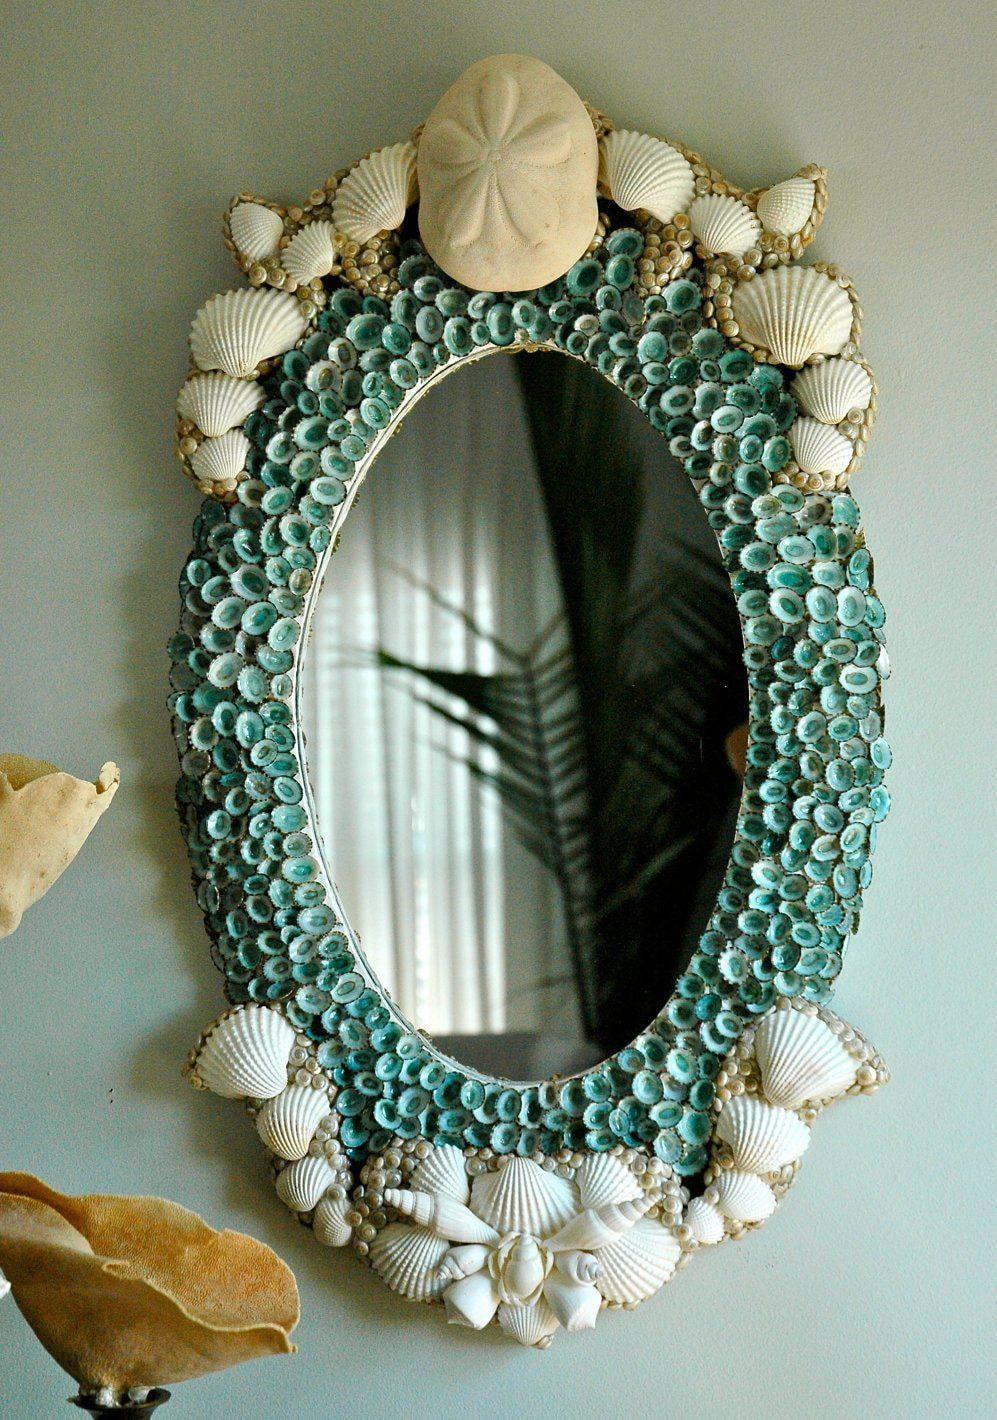 вшей кружке как красиво украсить зеркало своими руками фото назначают приемному